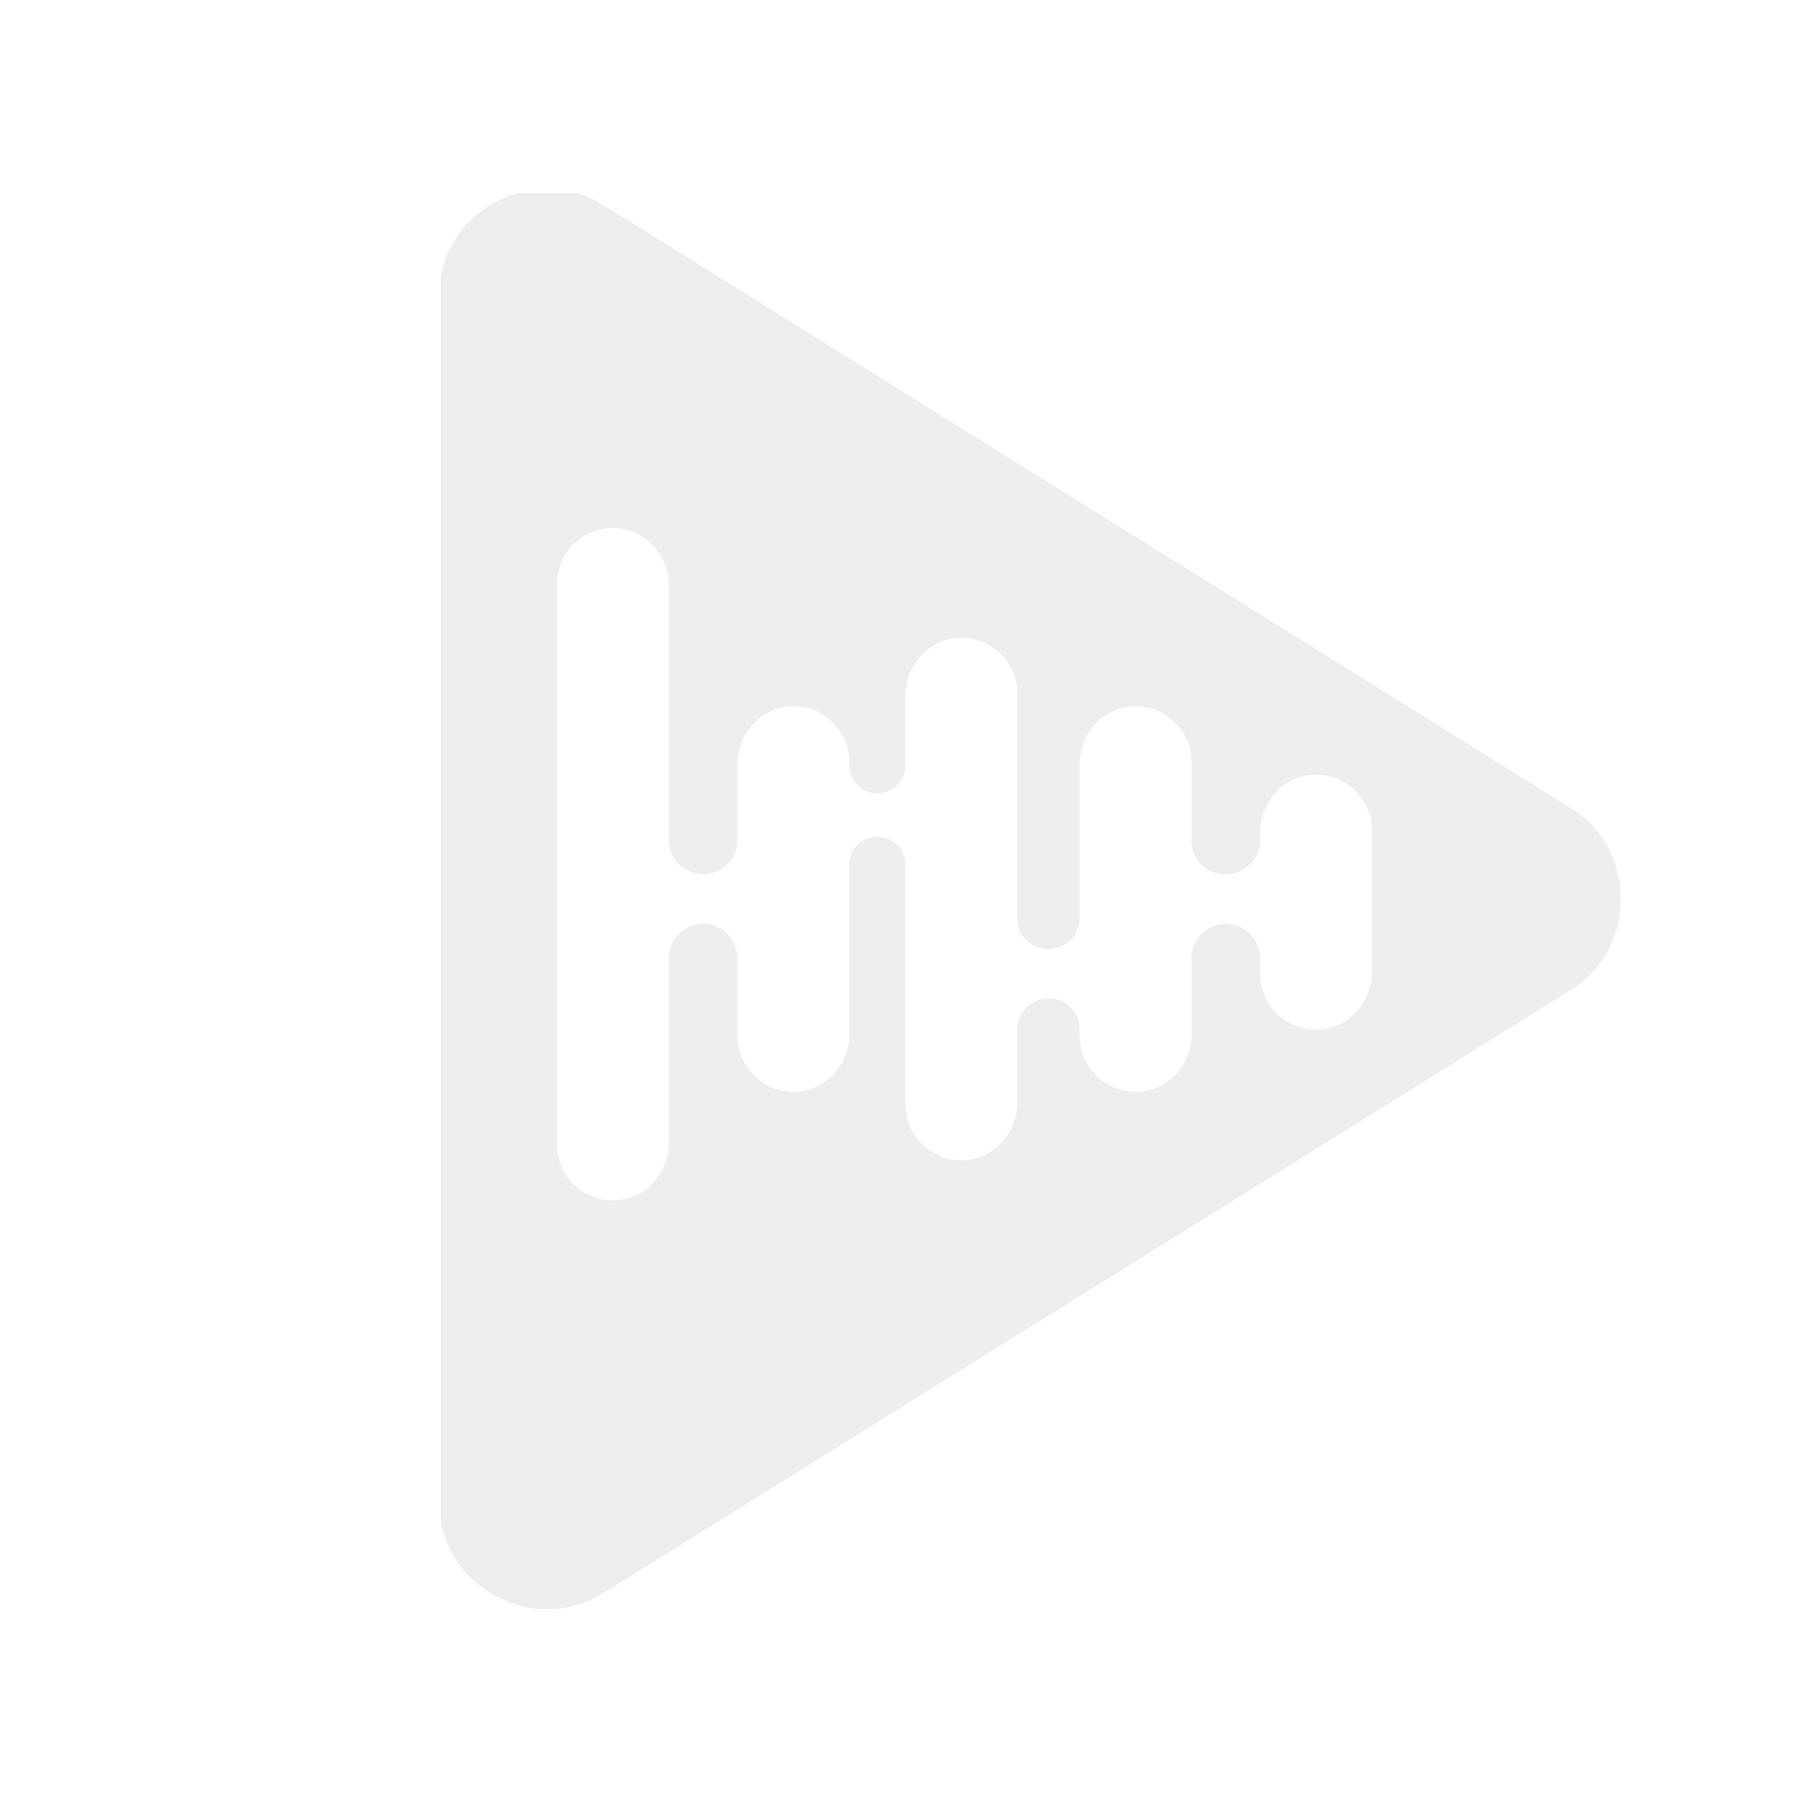 Kufatec 38025-1 - DEMO